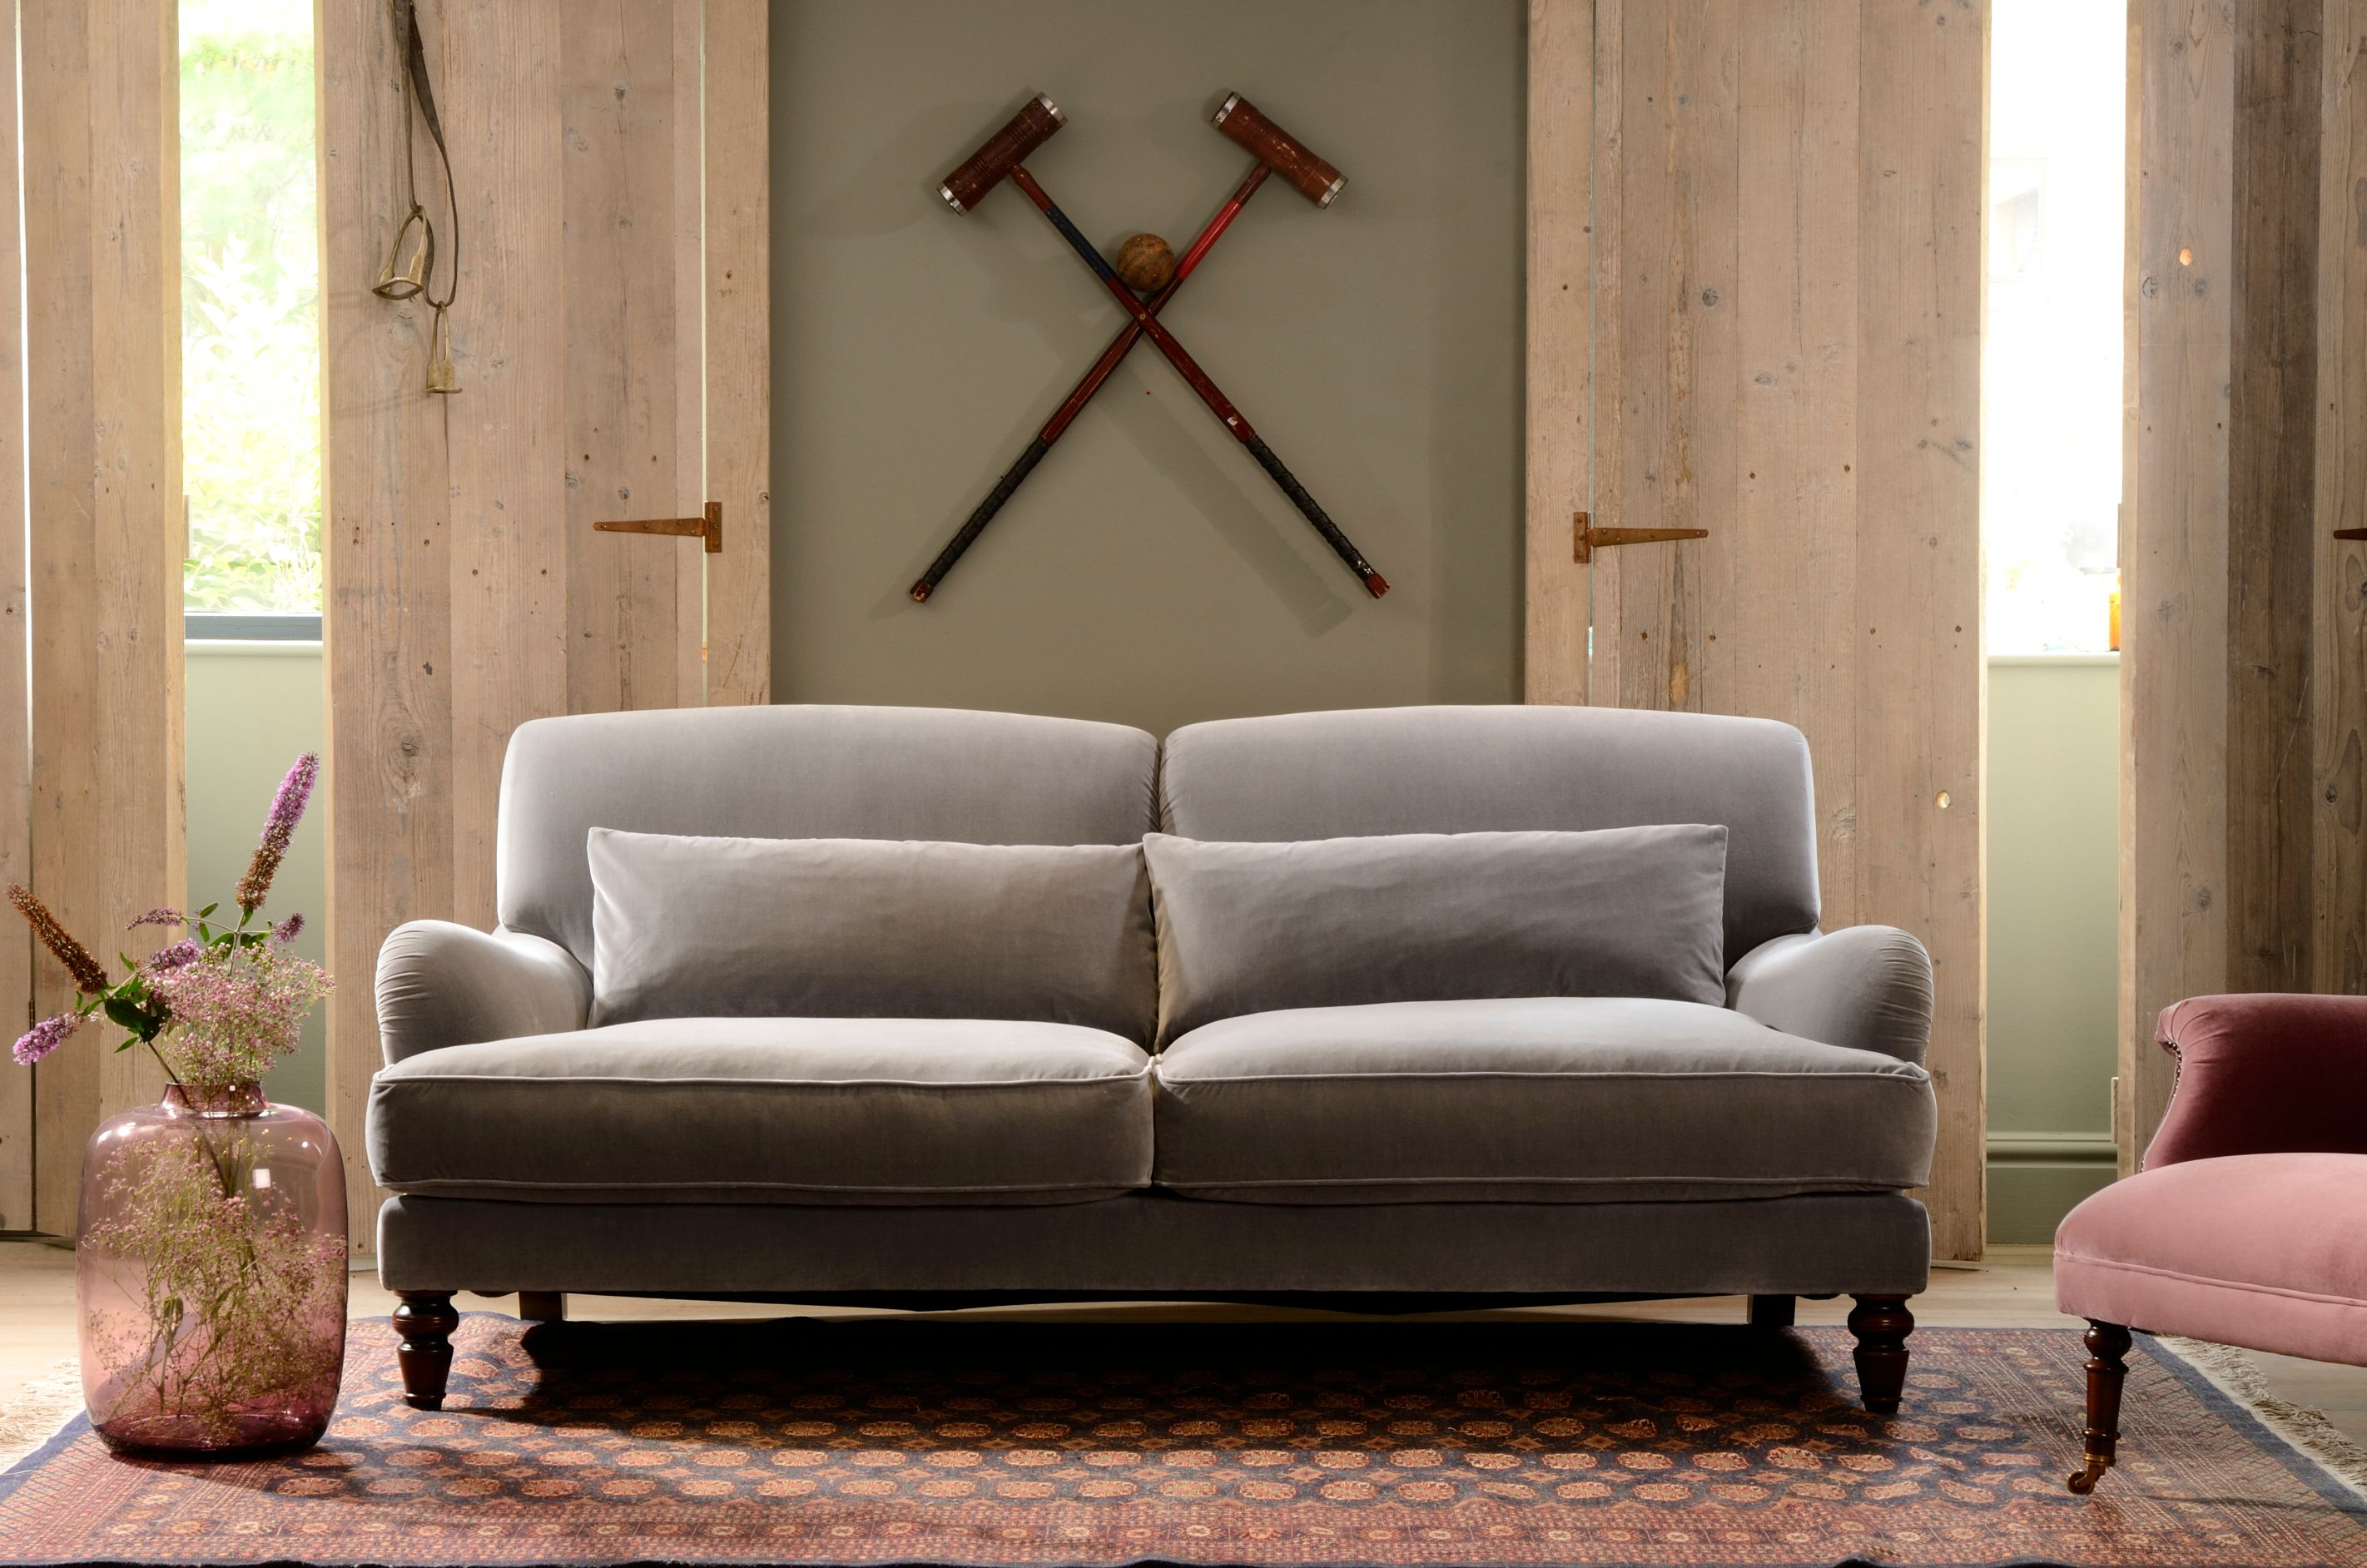 TETRAD HERITAGE - Windermere Midi Sofa